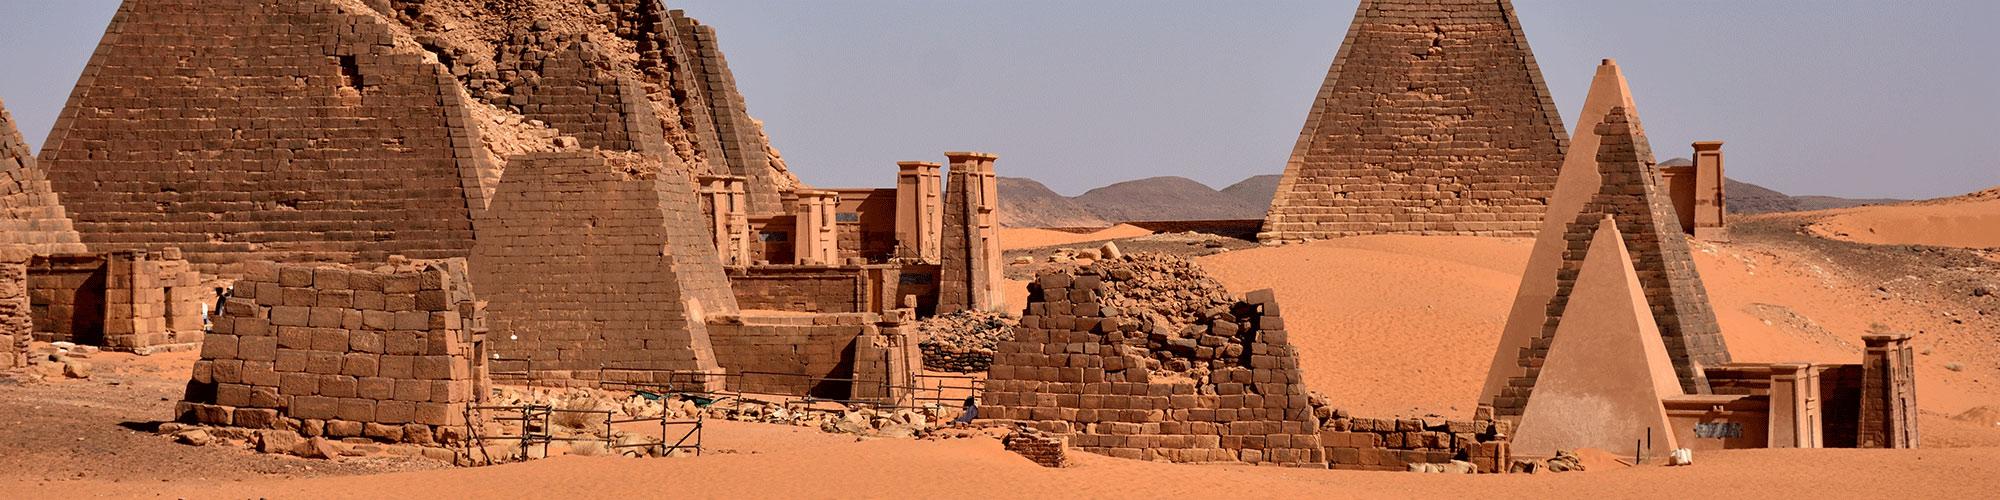 Egipto y Sudán: a través del territorio nubio  - El Pais Viajes